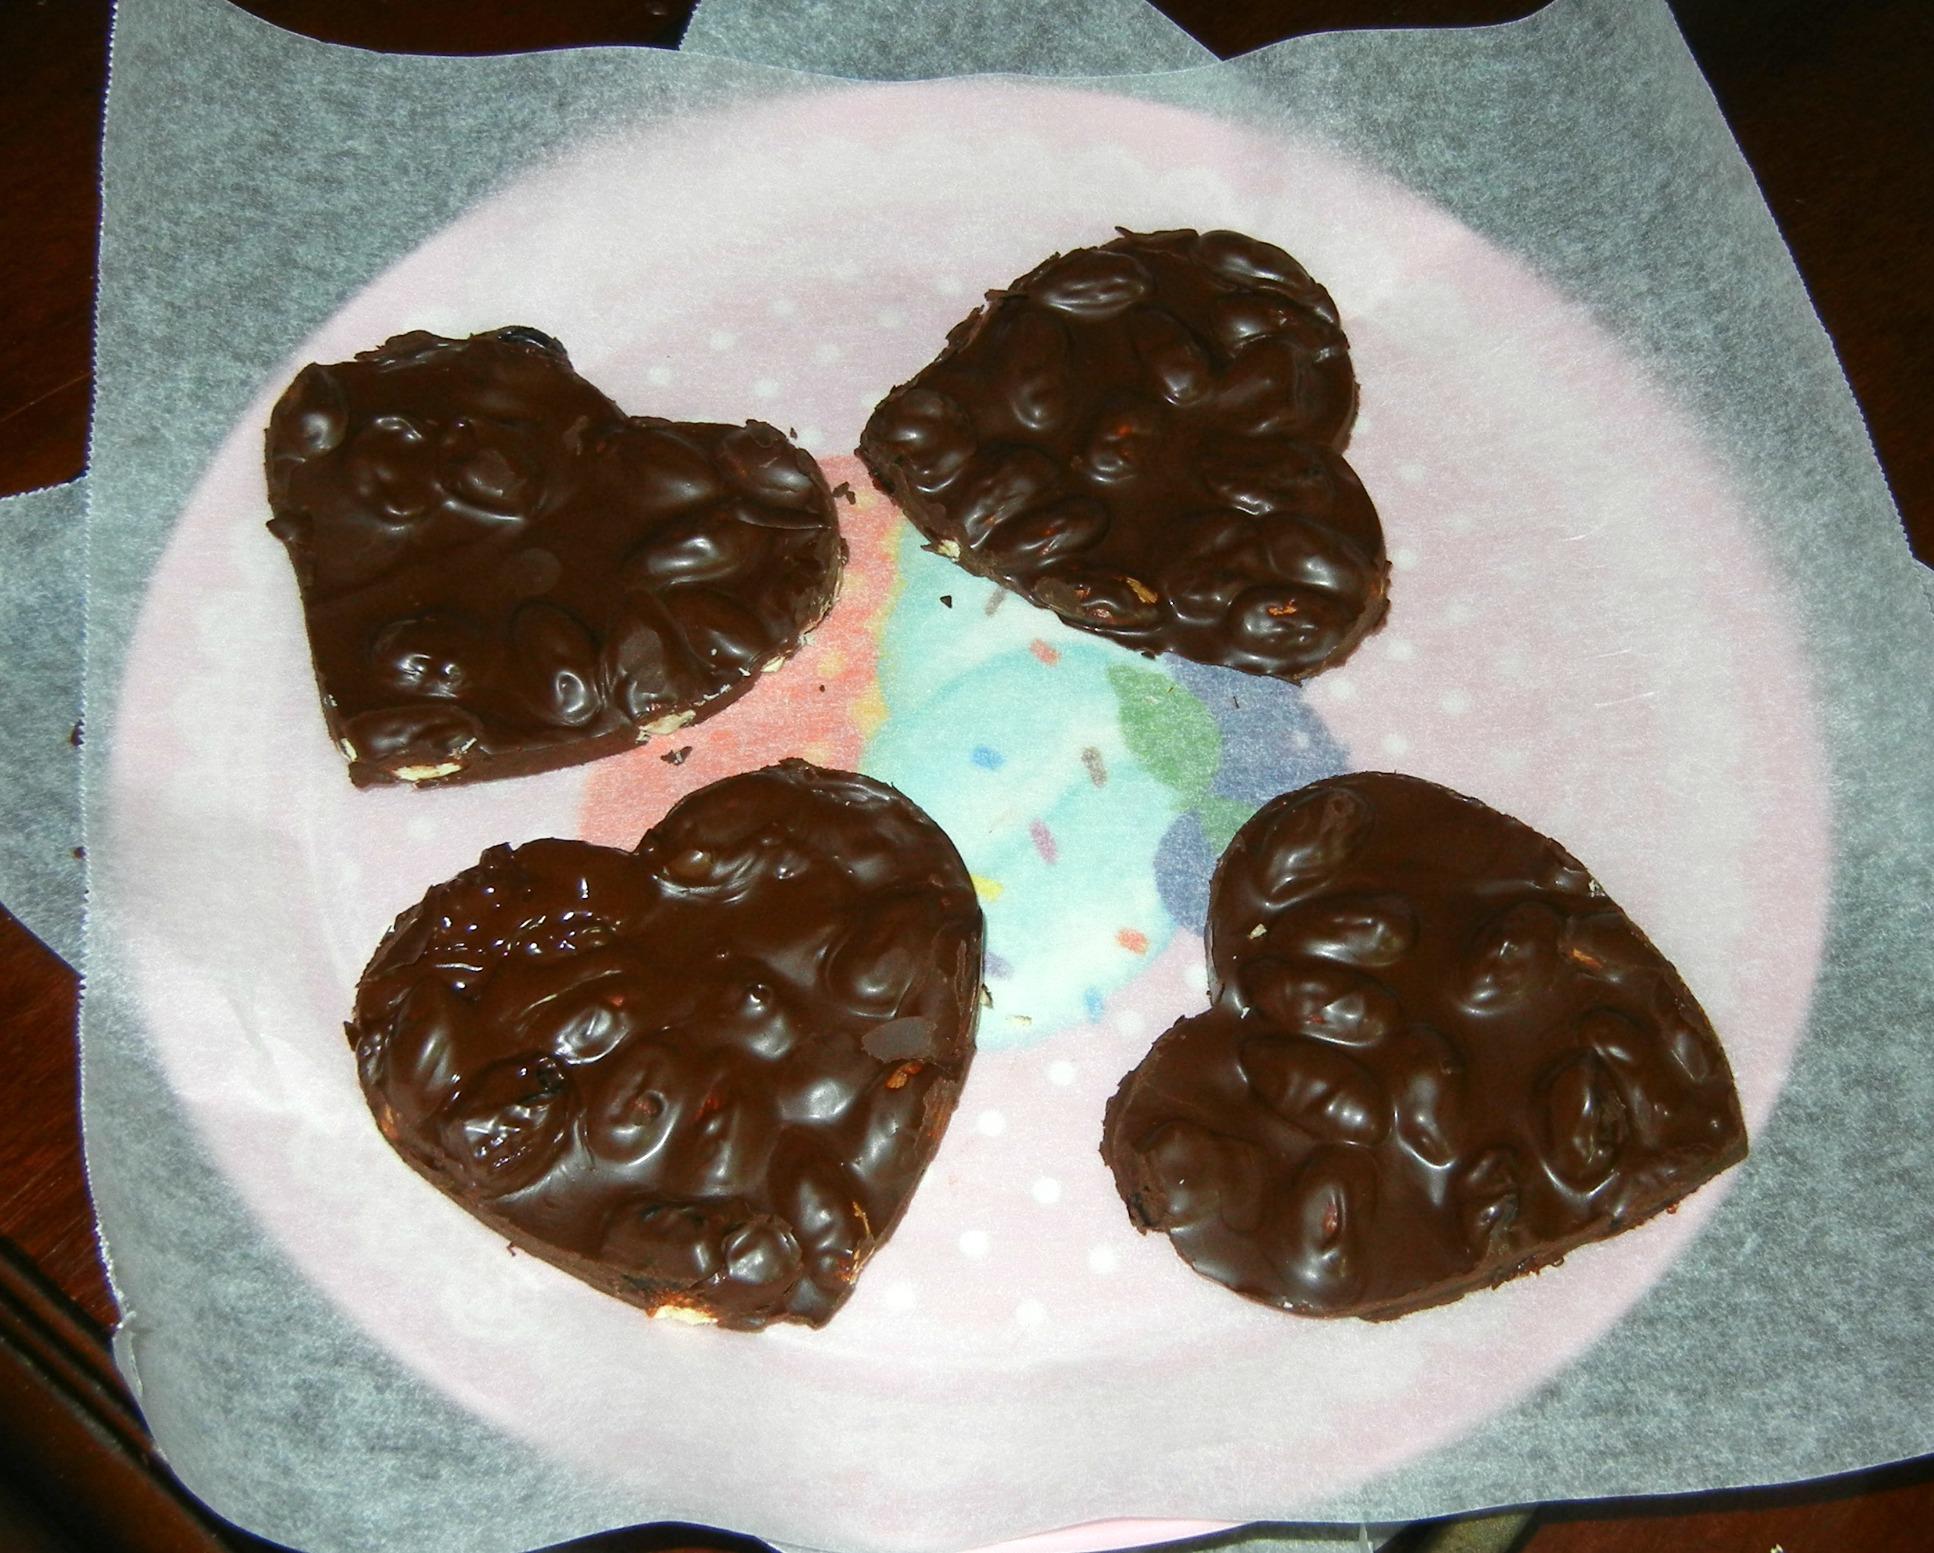 συνταγές Σοκολατάκια σοκολάτα επιδόρπια γλυκά με σοκολάτα γλυκά αμύγδαλα